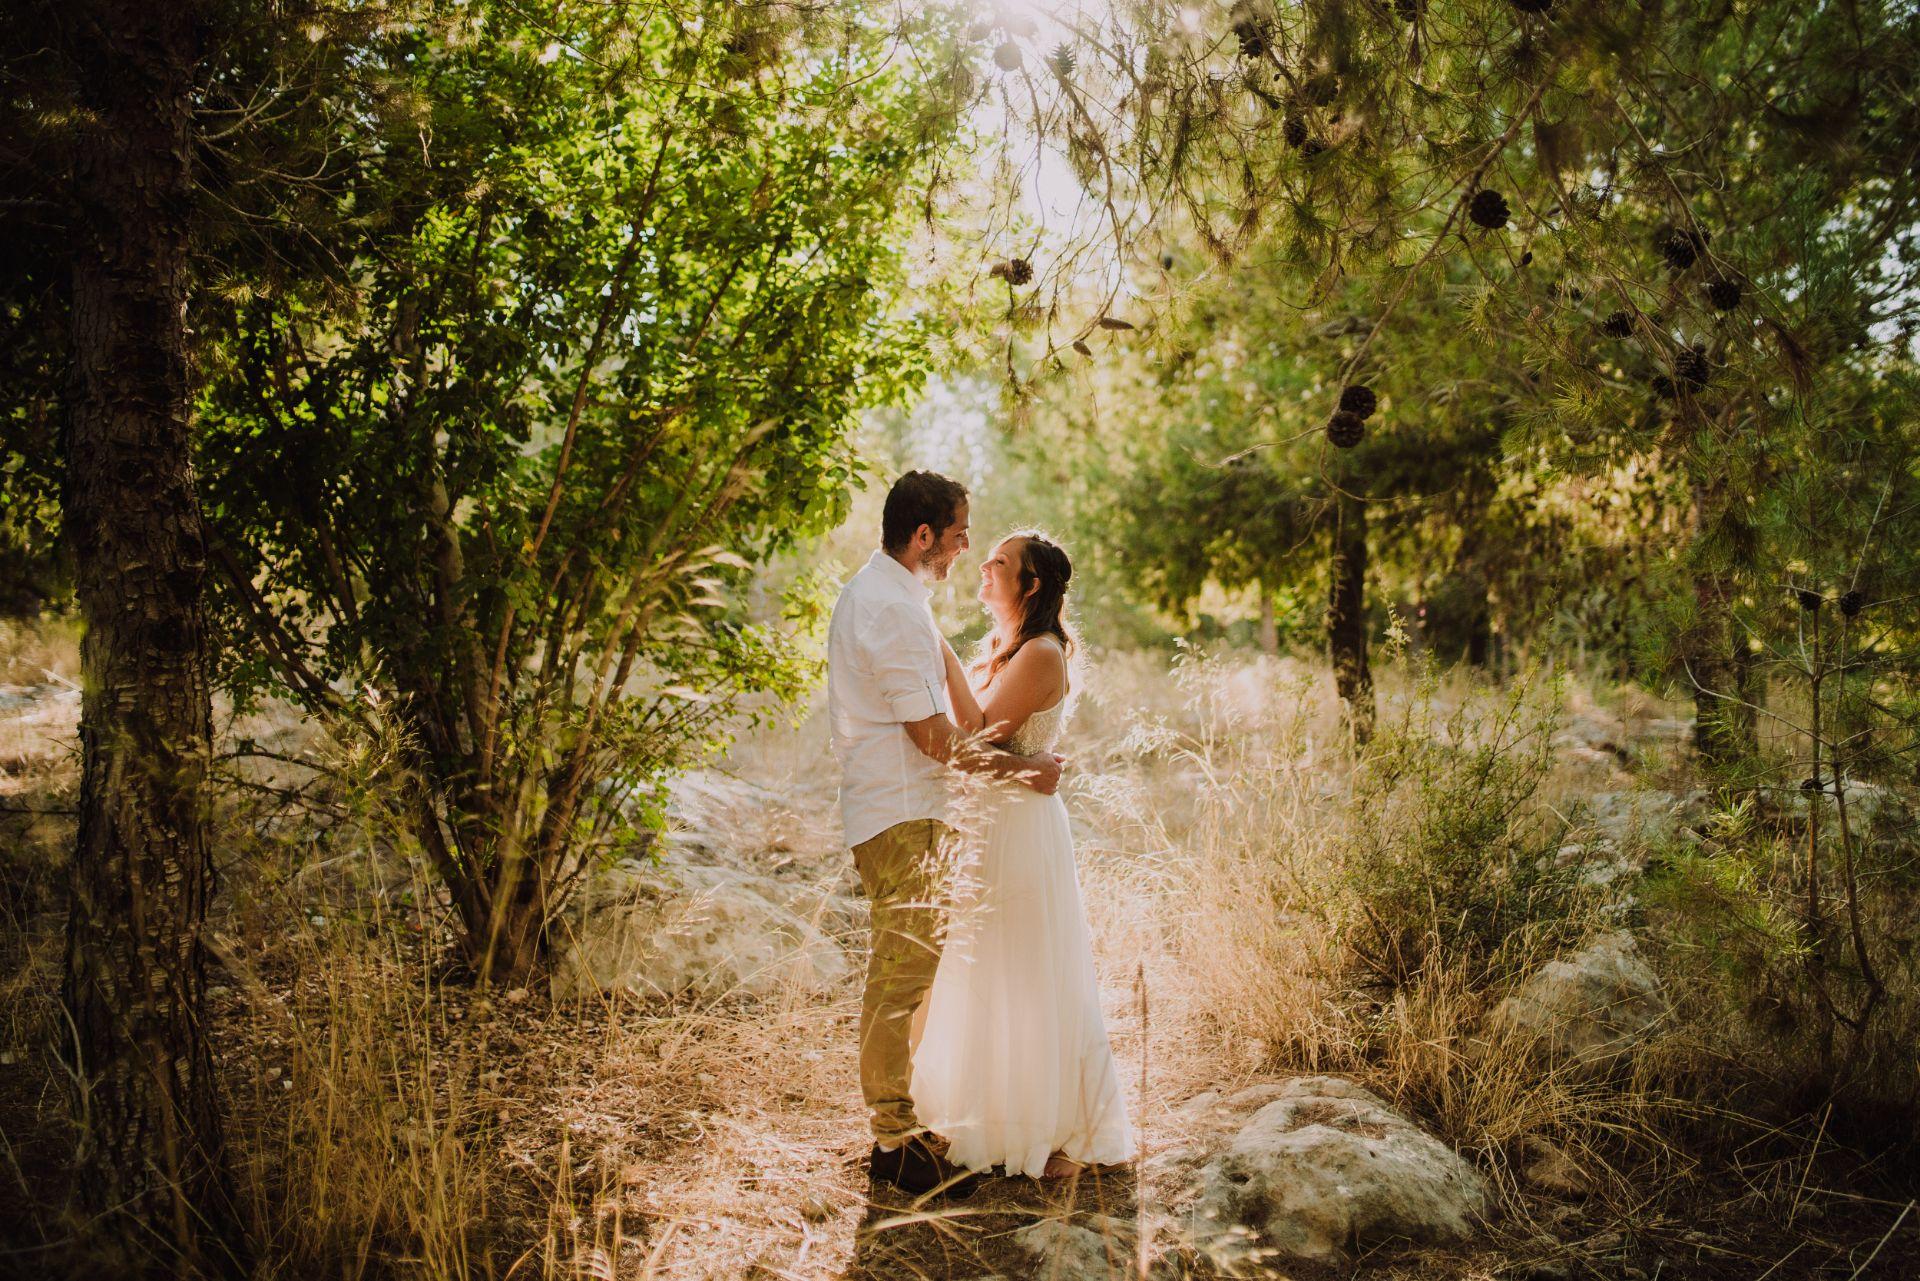 ברגע האחרון: גל ואוהד תכננו חתונה ב-4 ימים